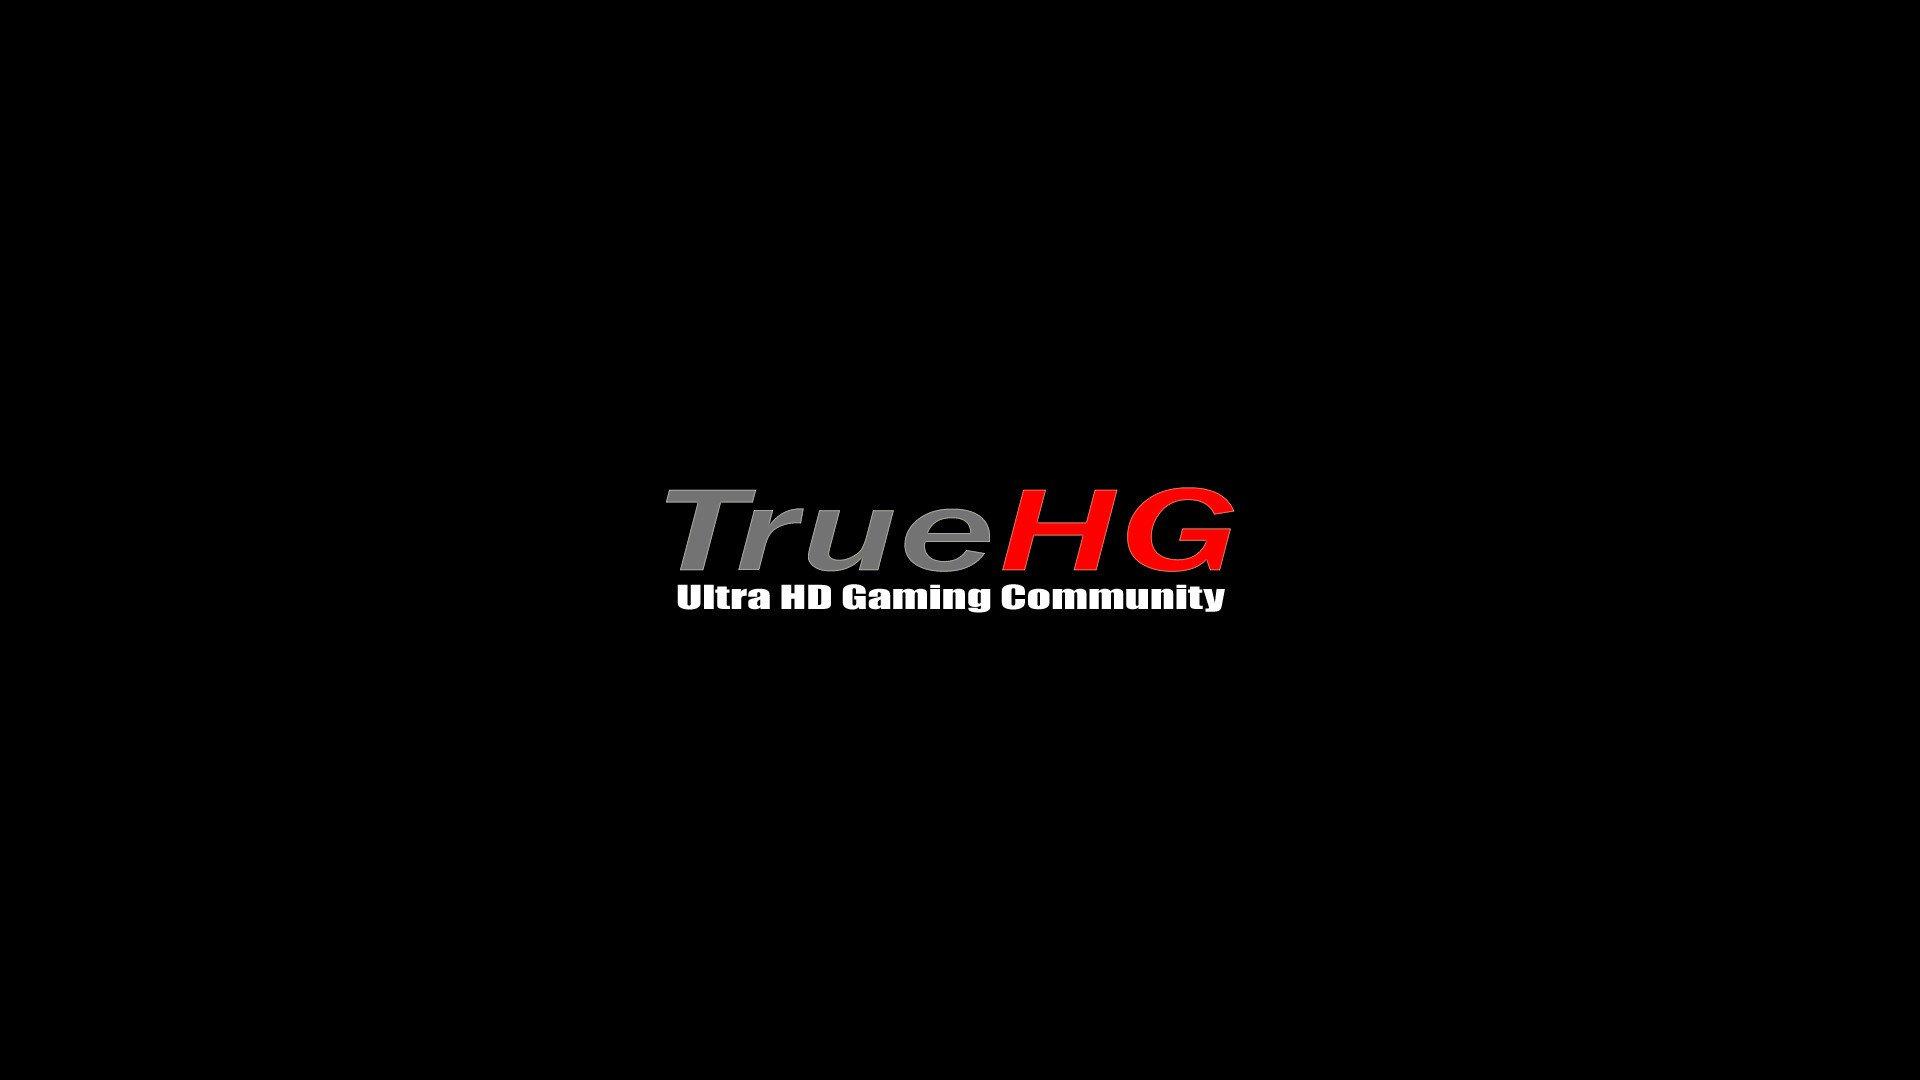 TrueHG